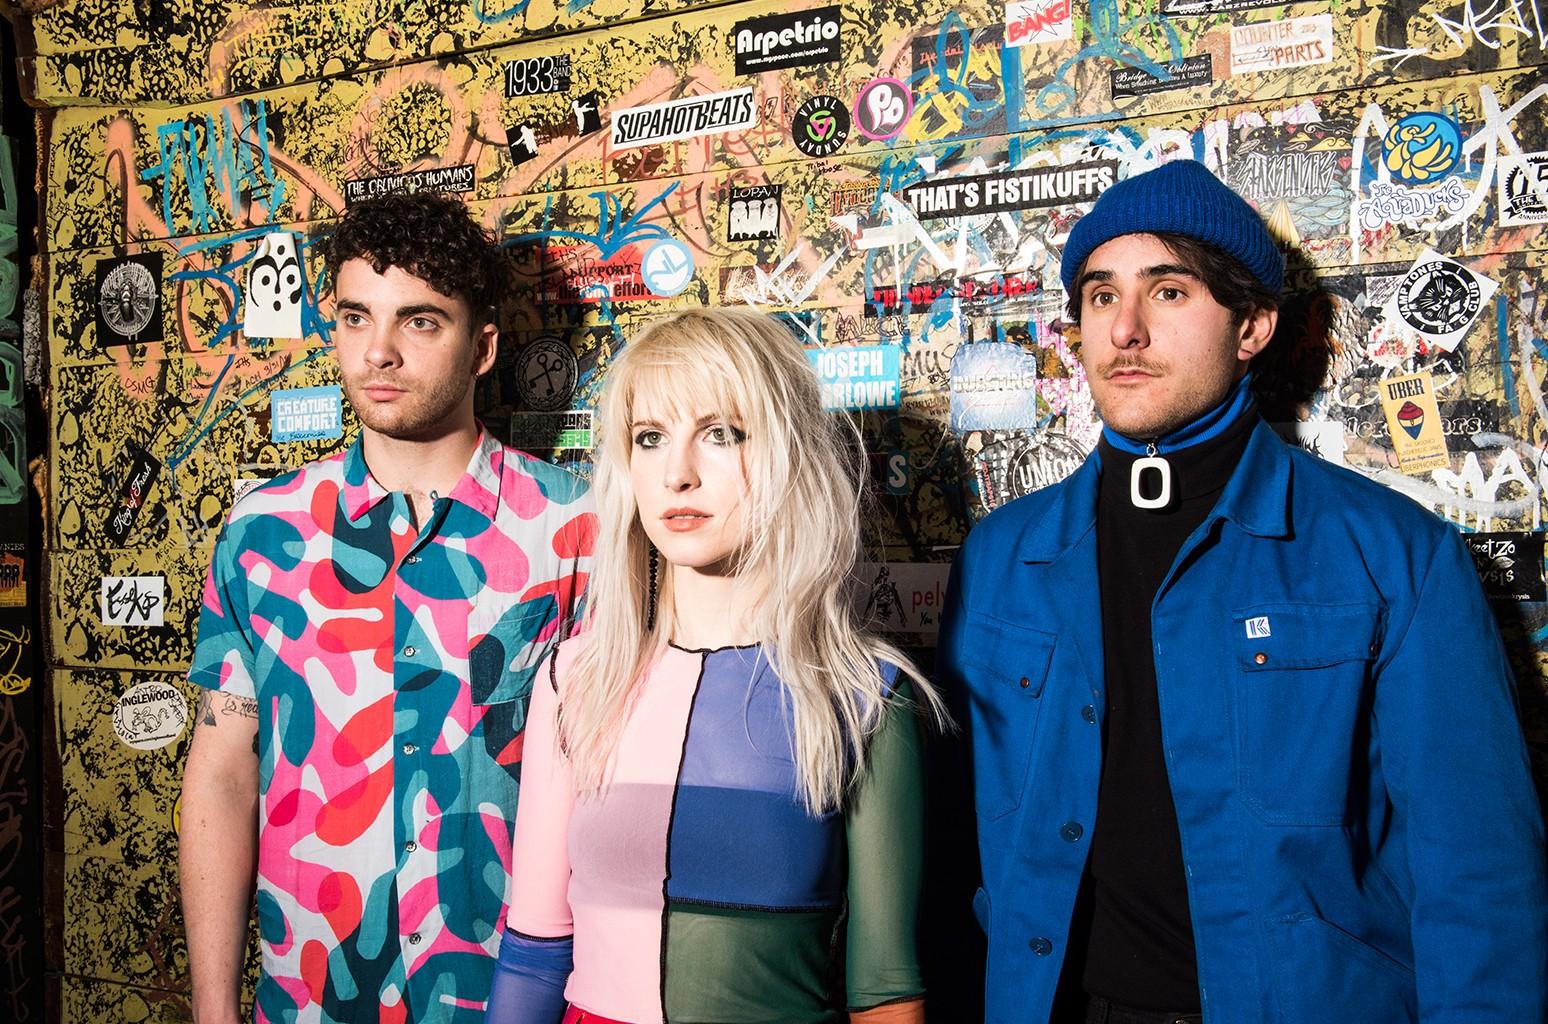 Las 8 mejores canciones de Paramore